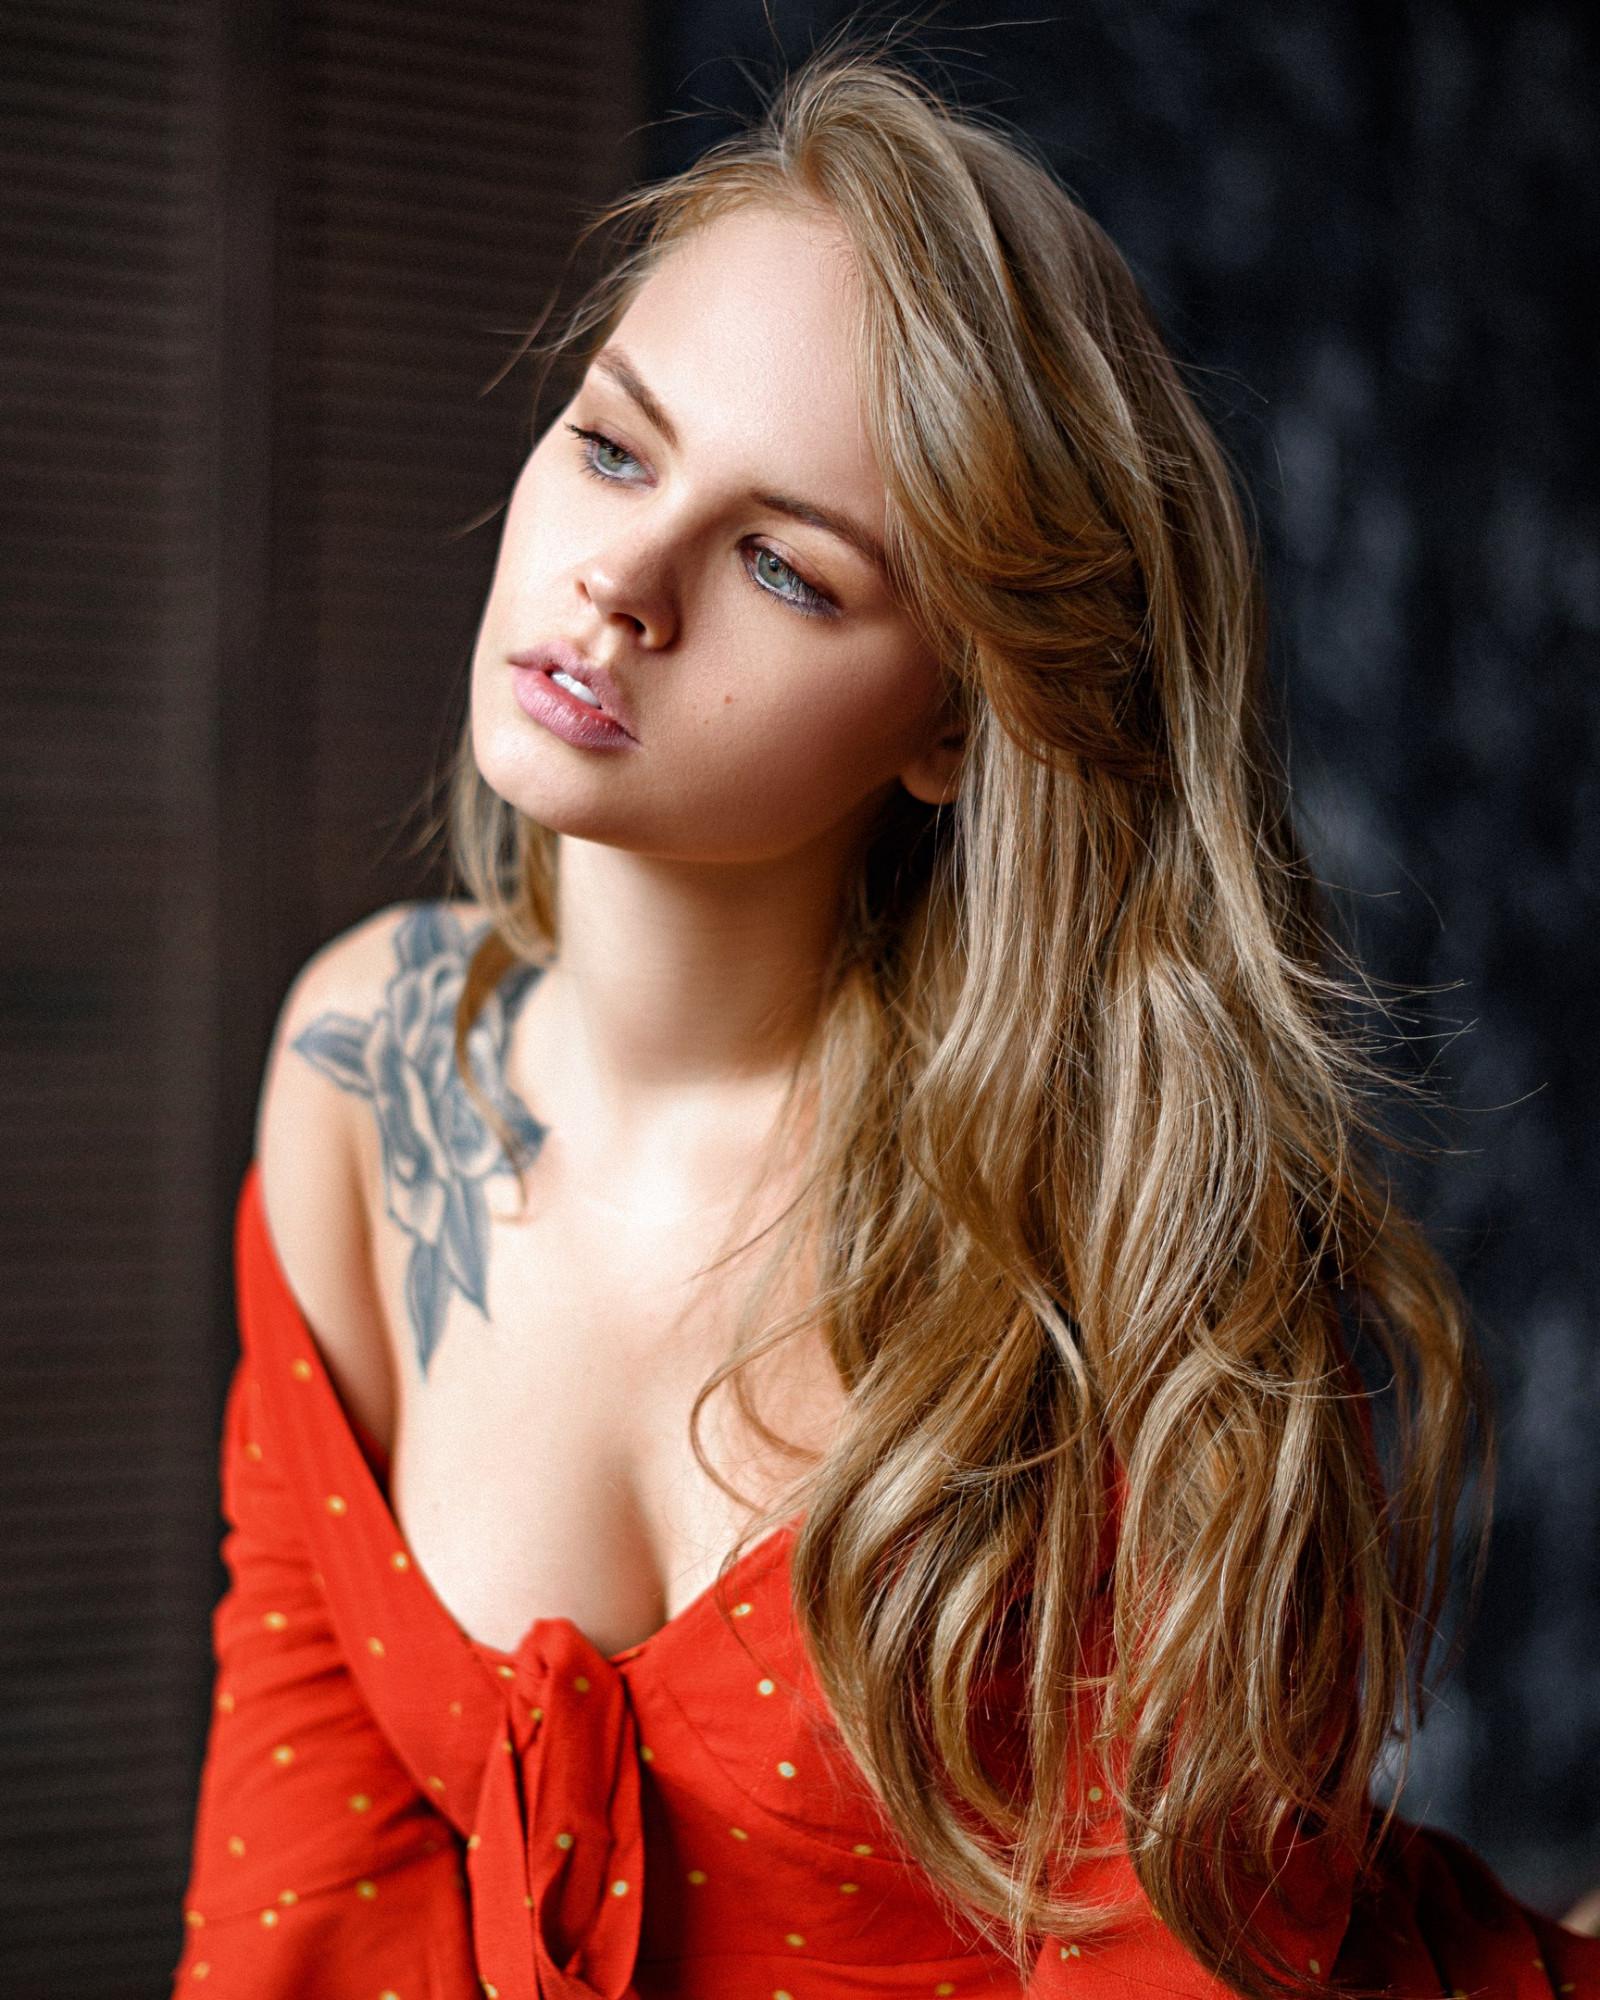 Gelegenheitshaken Anastasia